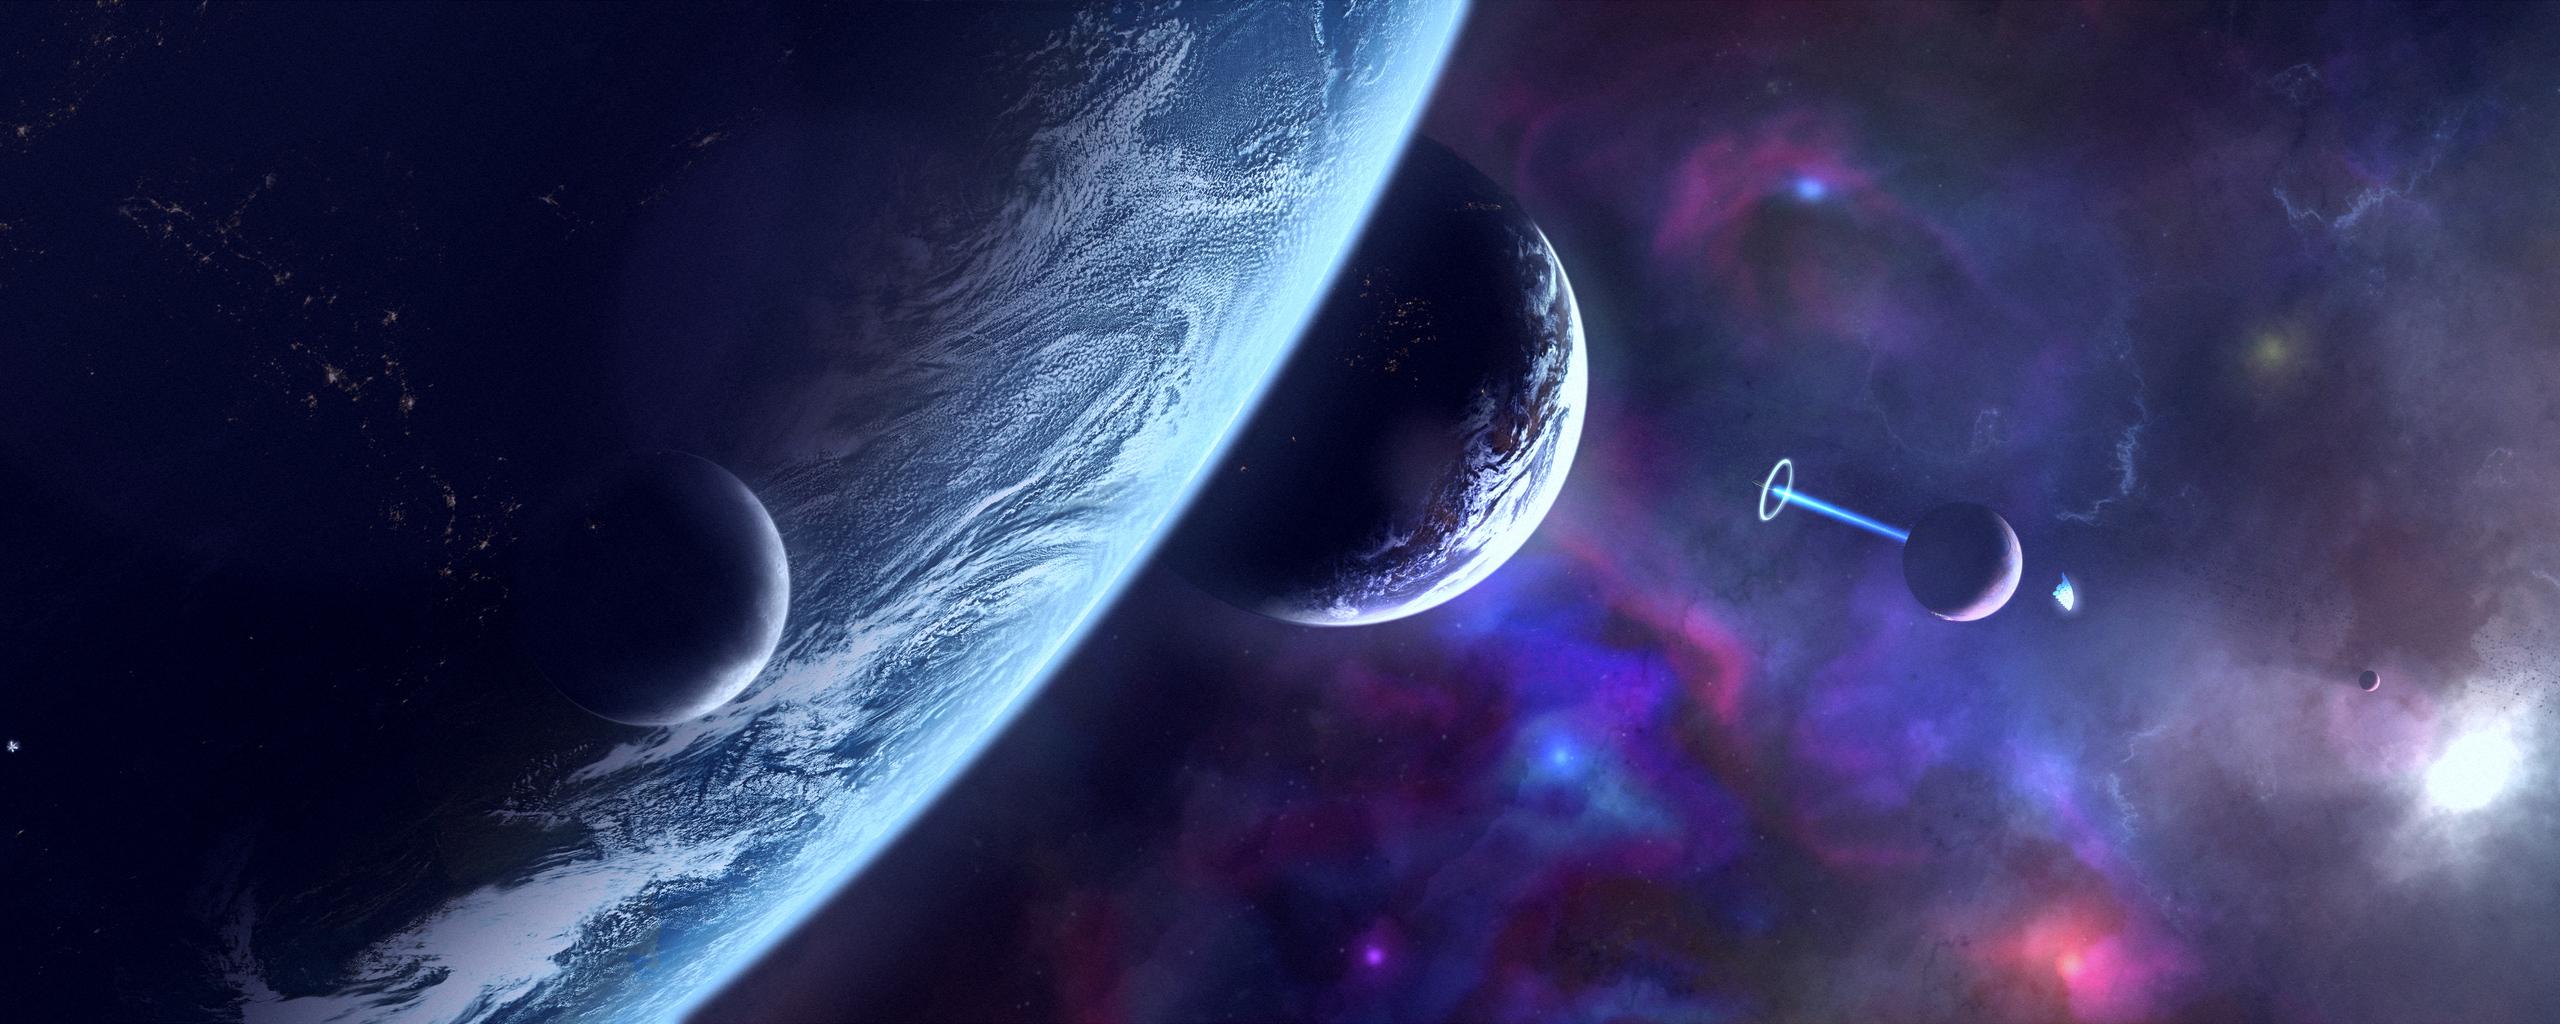 planets-scifi-art-8k-hx.jpg